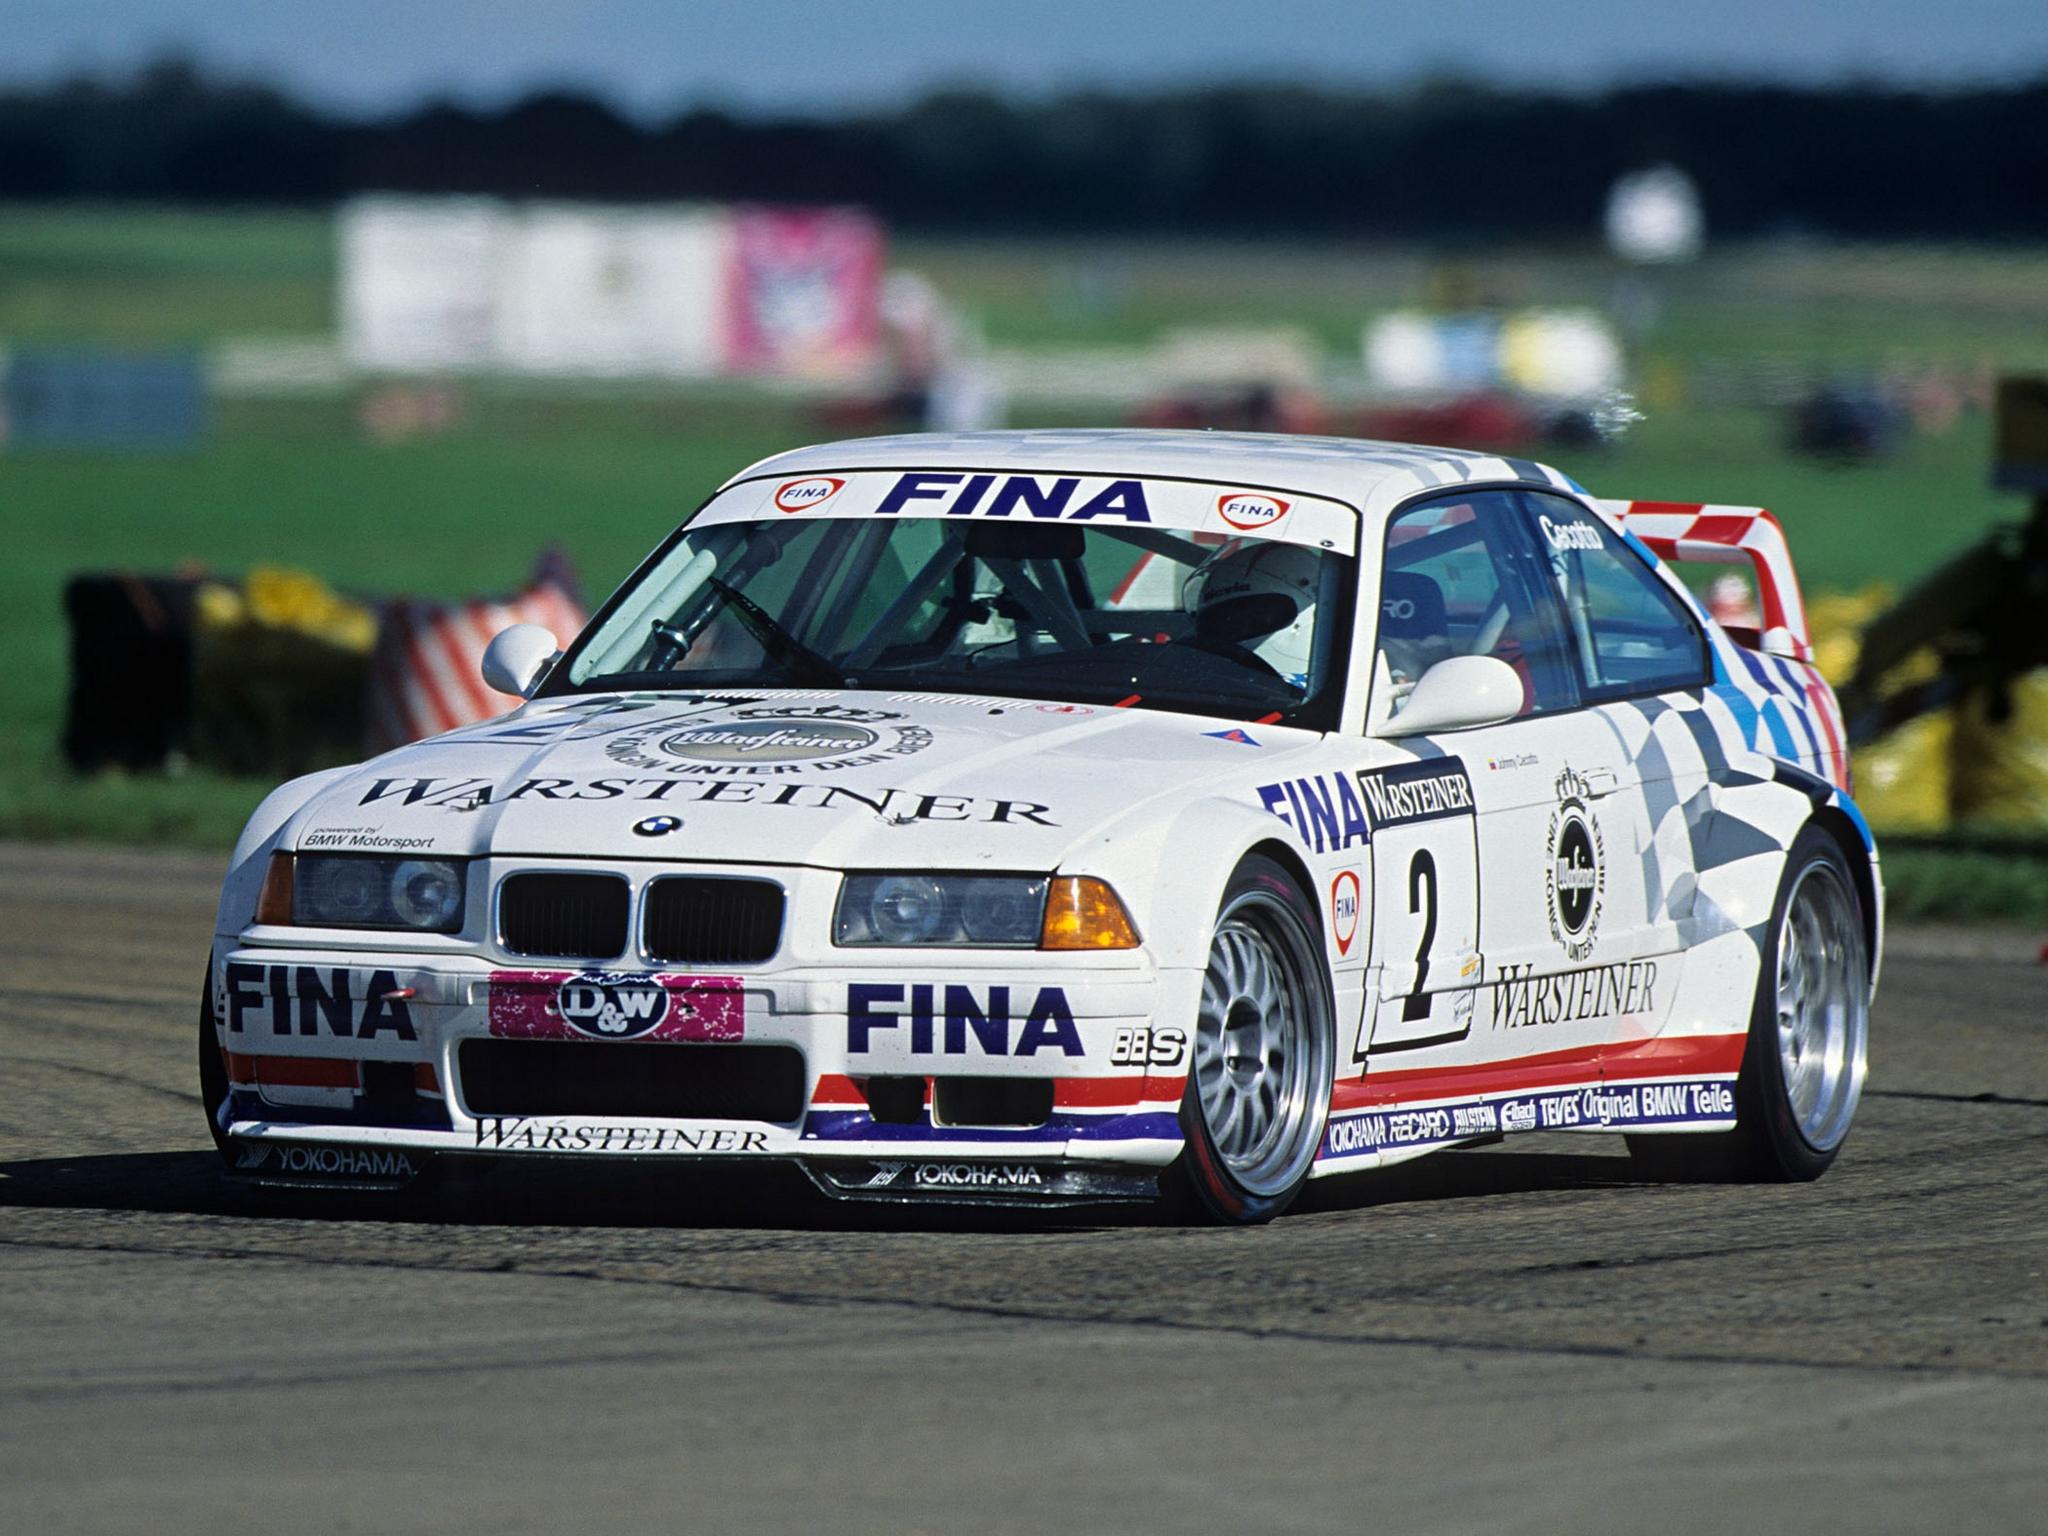 1995 bmw m3 gtr e36 race racing m 3 g wallpaper 2048x1536 134283 wallpaperup